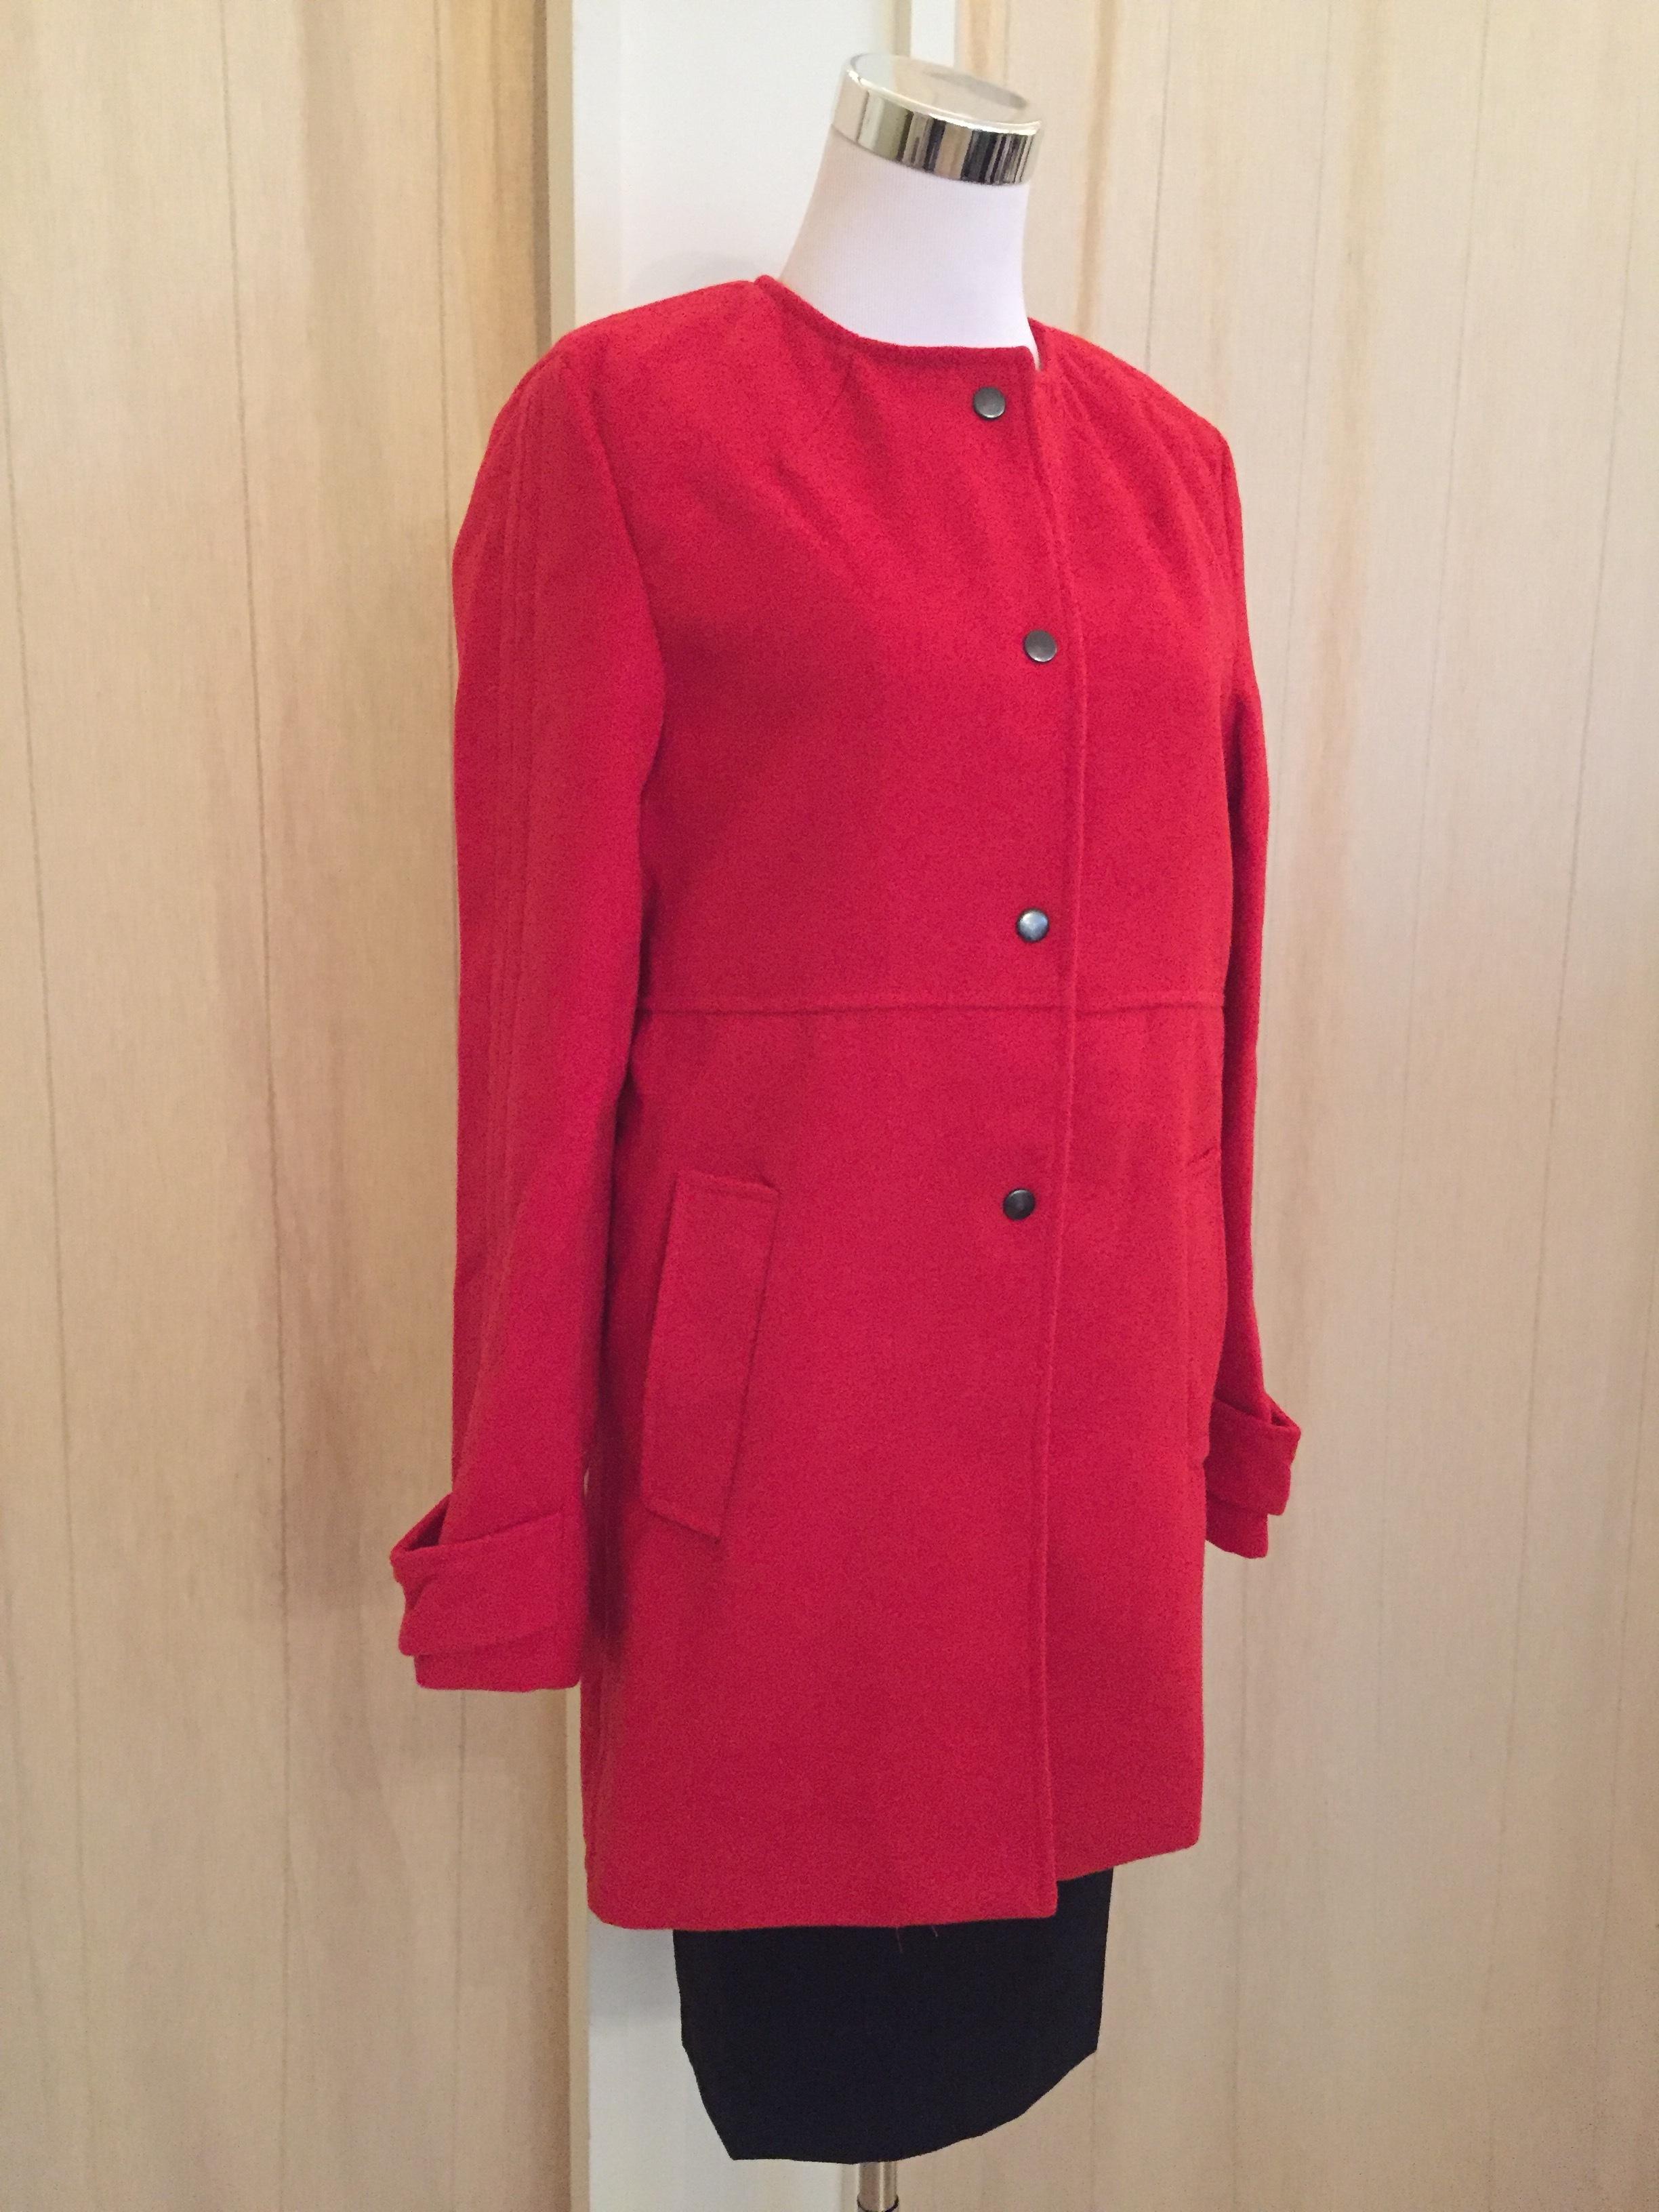 Red coat $64